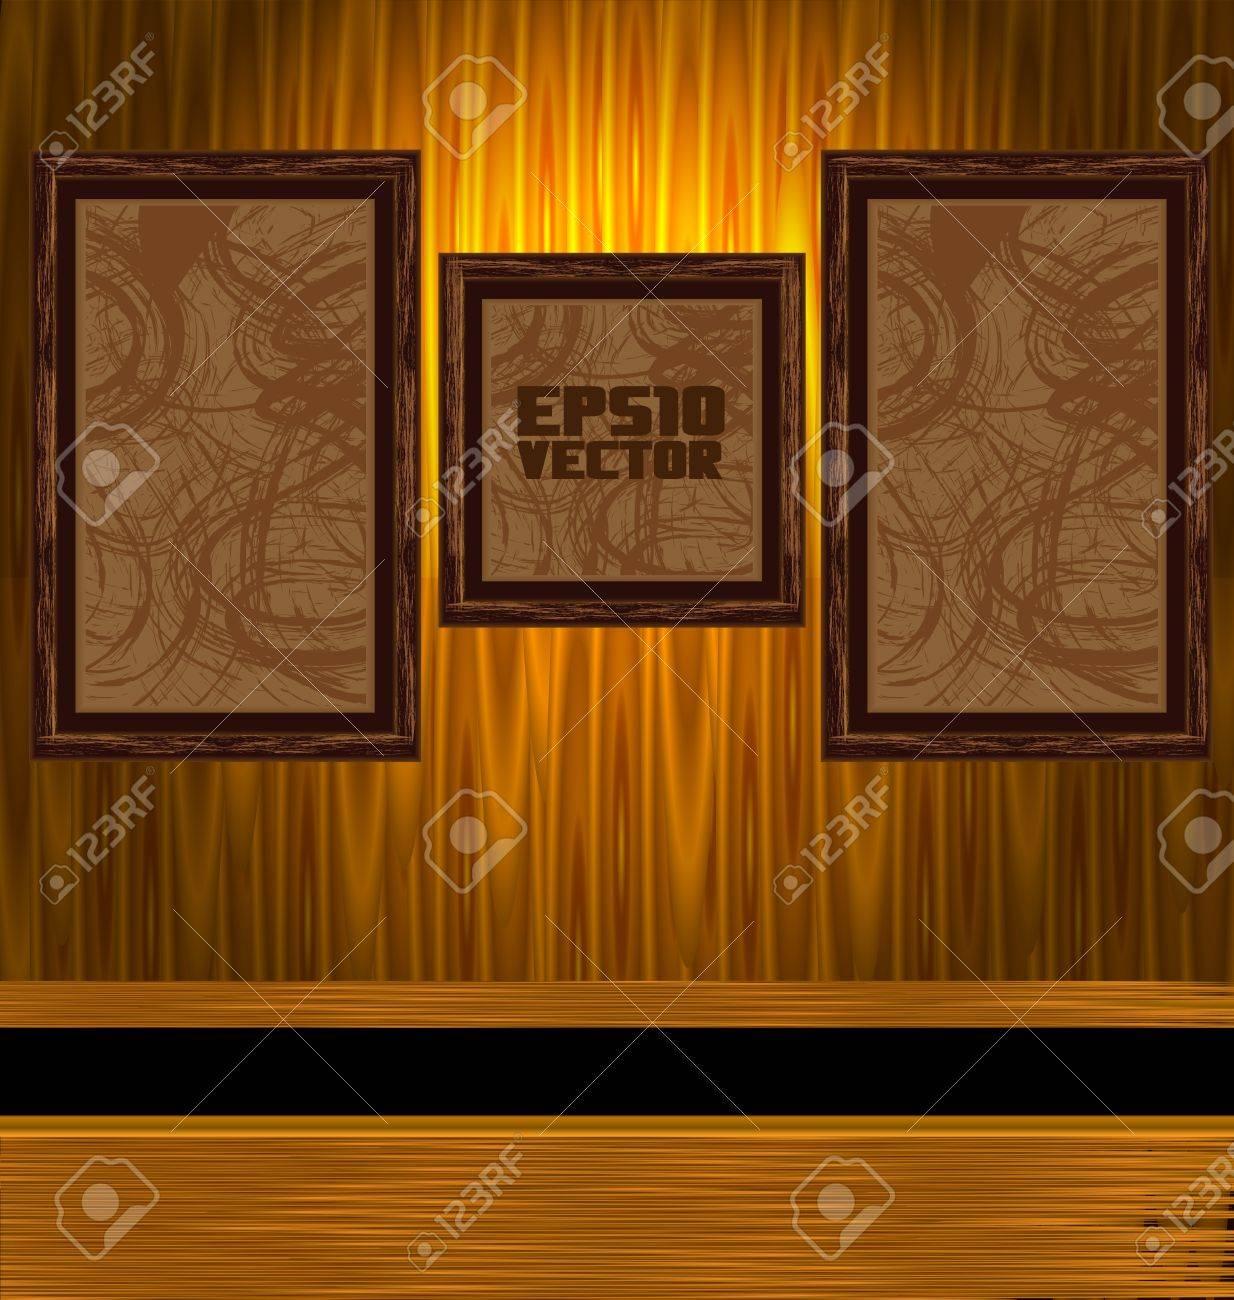 図 A 暗い汚い部屋壁にゴールド フレームのイラスト素材ベクタ